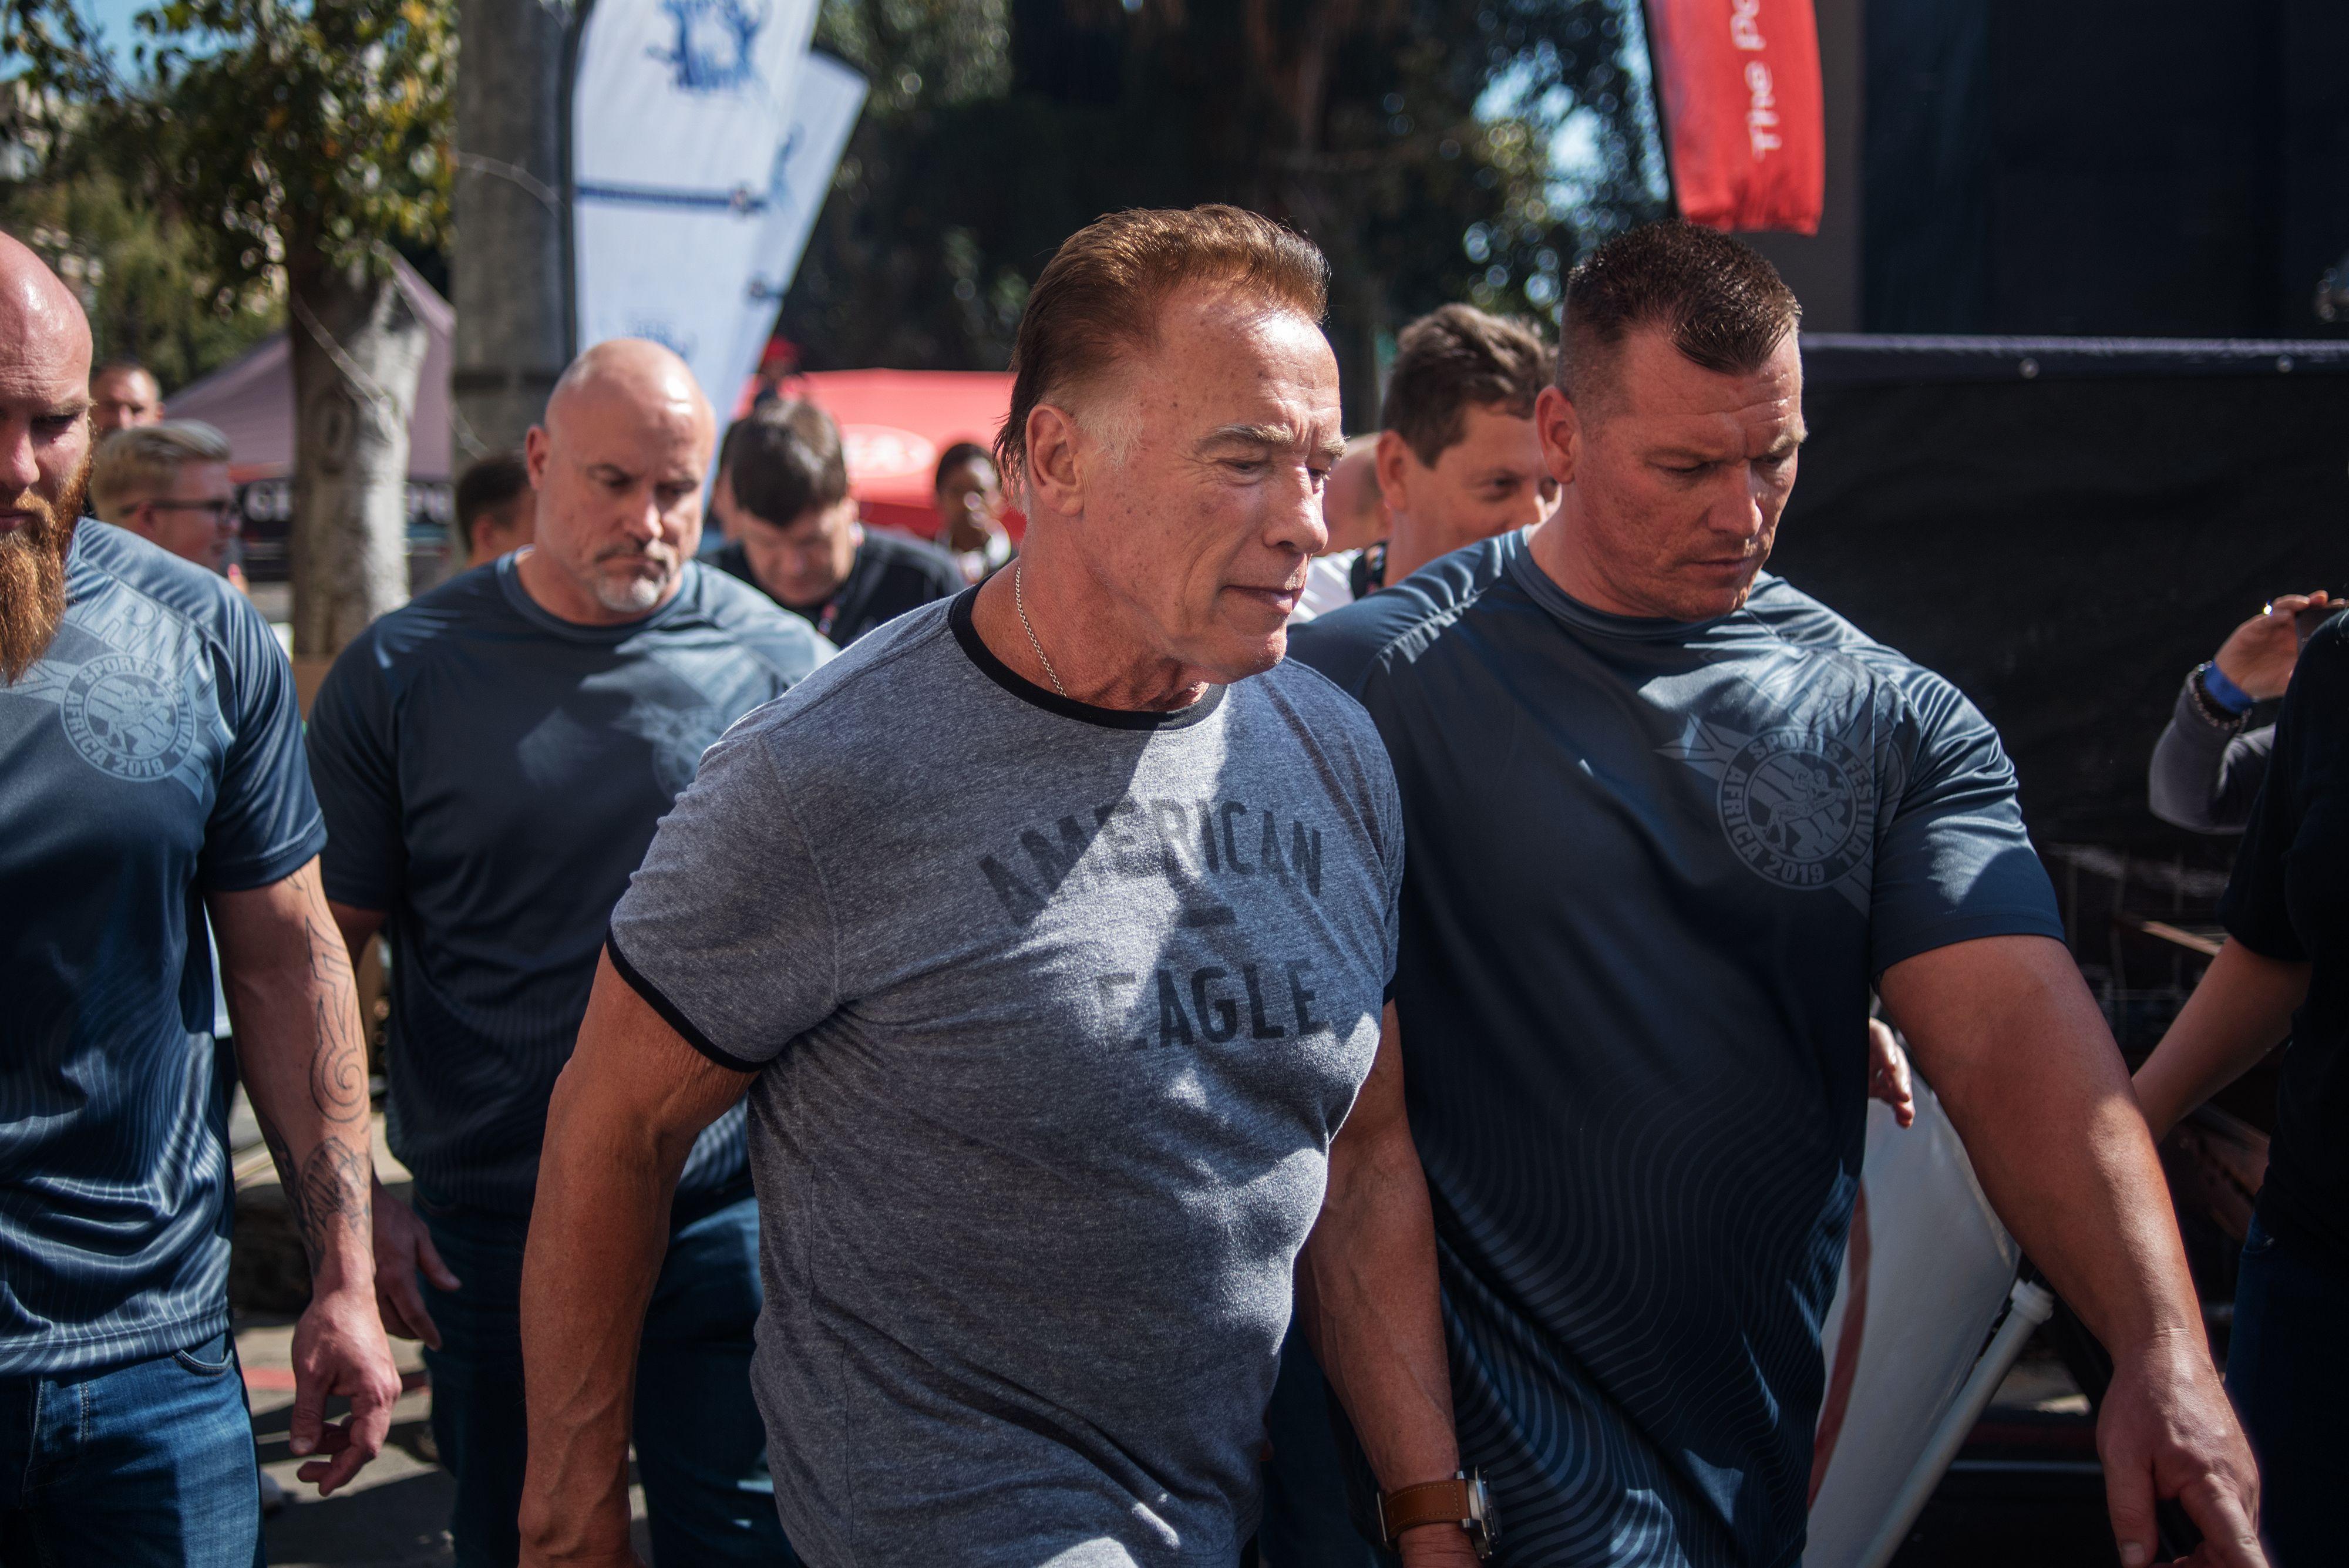 Arnold Schwarzenegger drop-kicked in back in South Africa